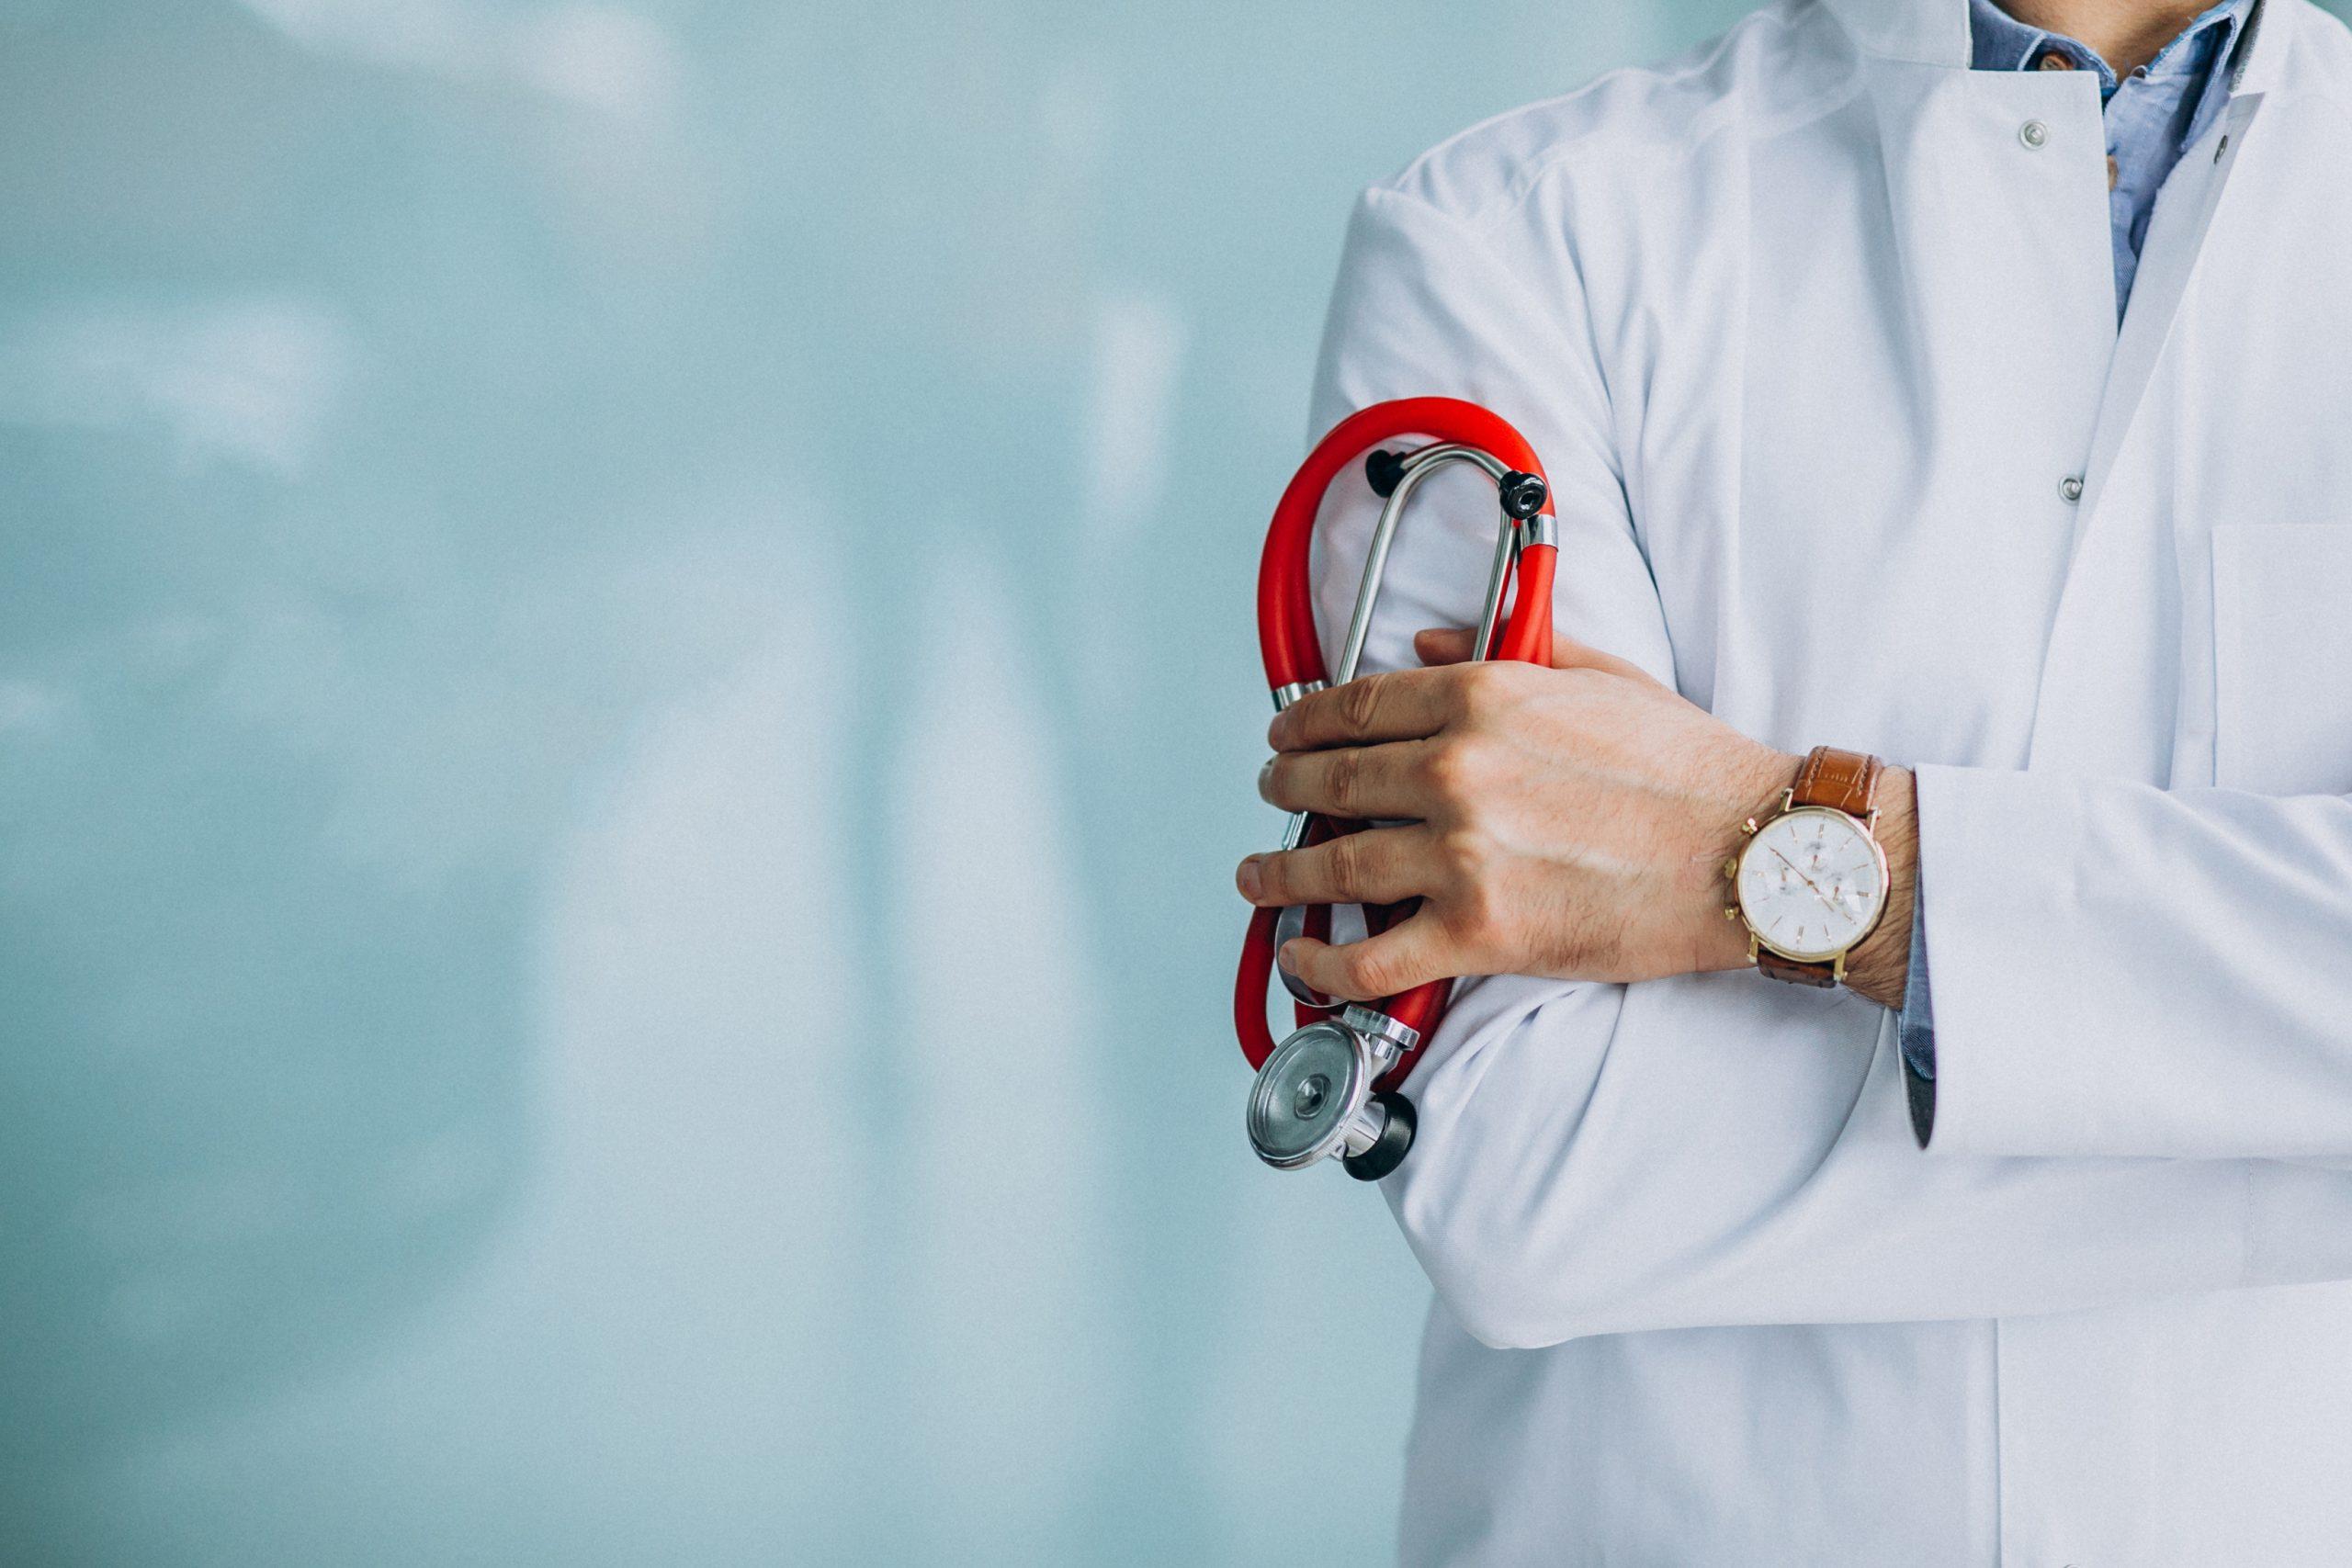 Zu viele Nebenwirkungen: Immer mehr Hausärzte raten von Covid-Impfungen ab